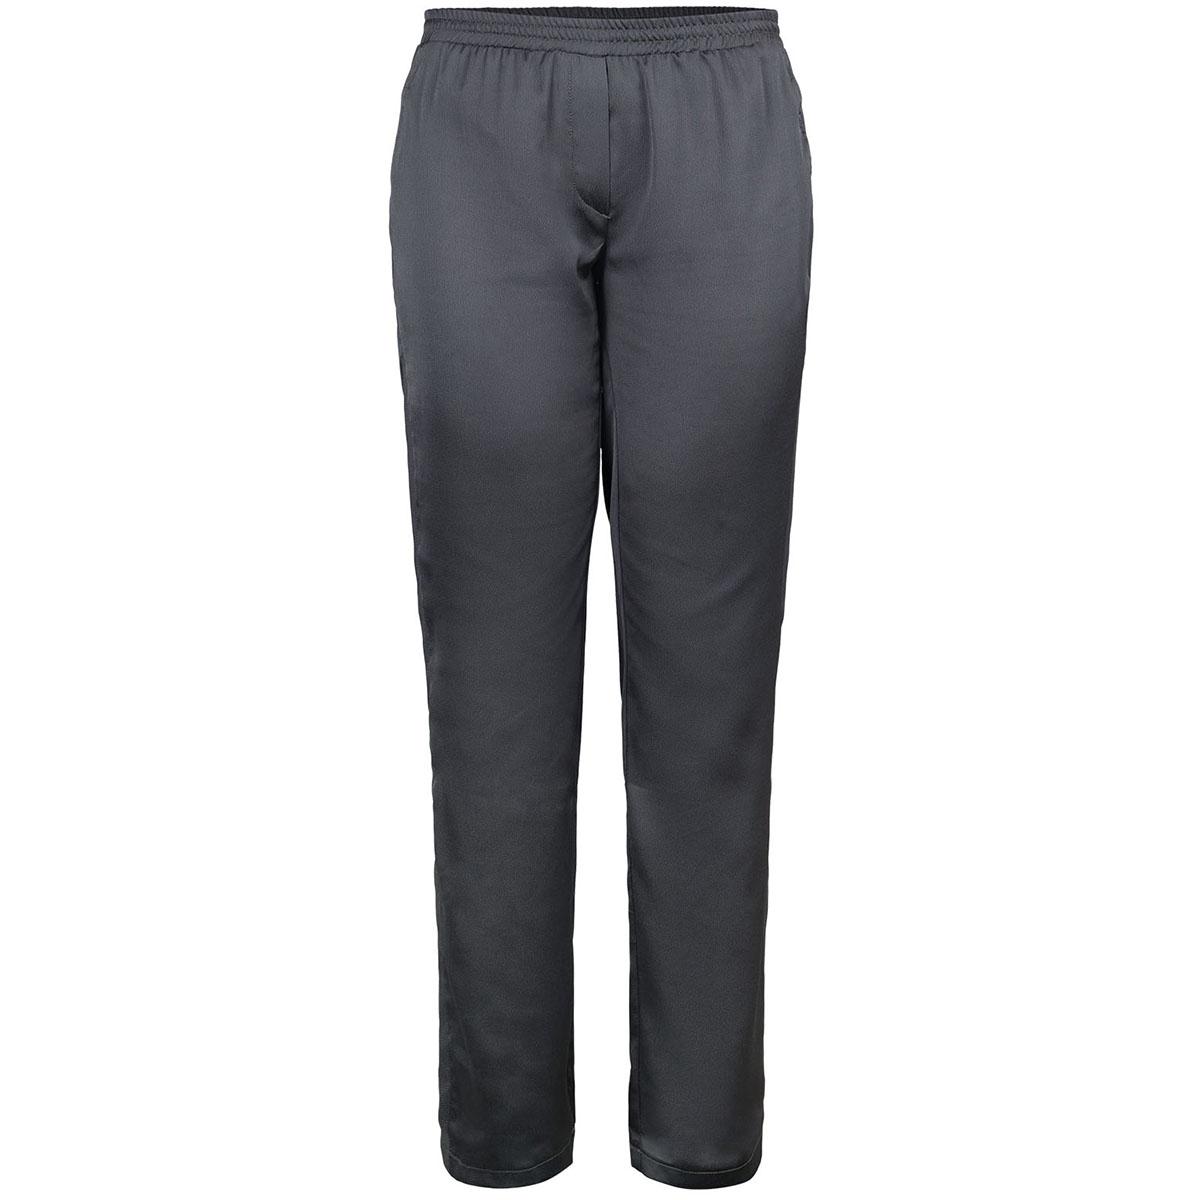 hippe frivole broek 03hb19fagg zusss broek grijs/groen